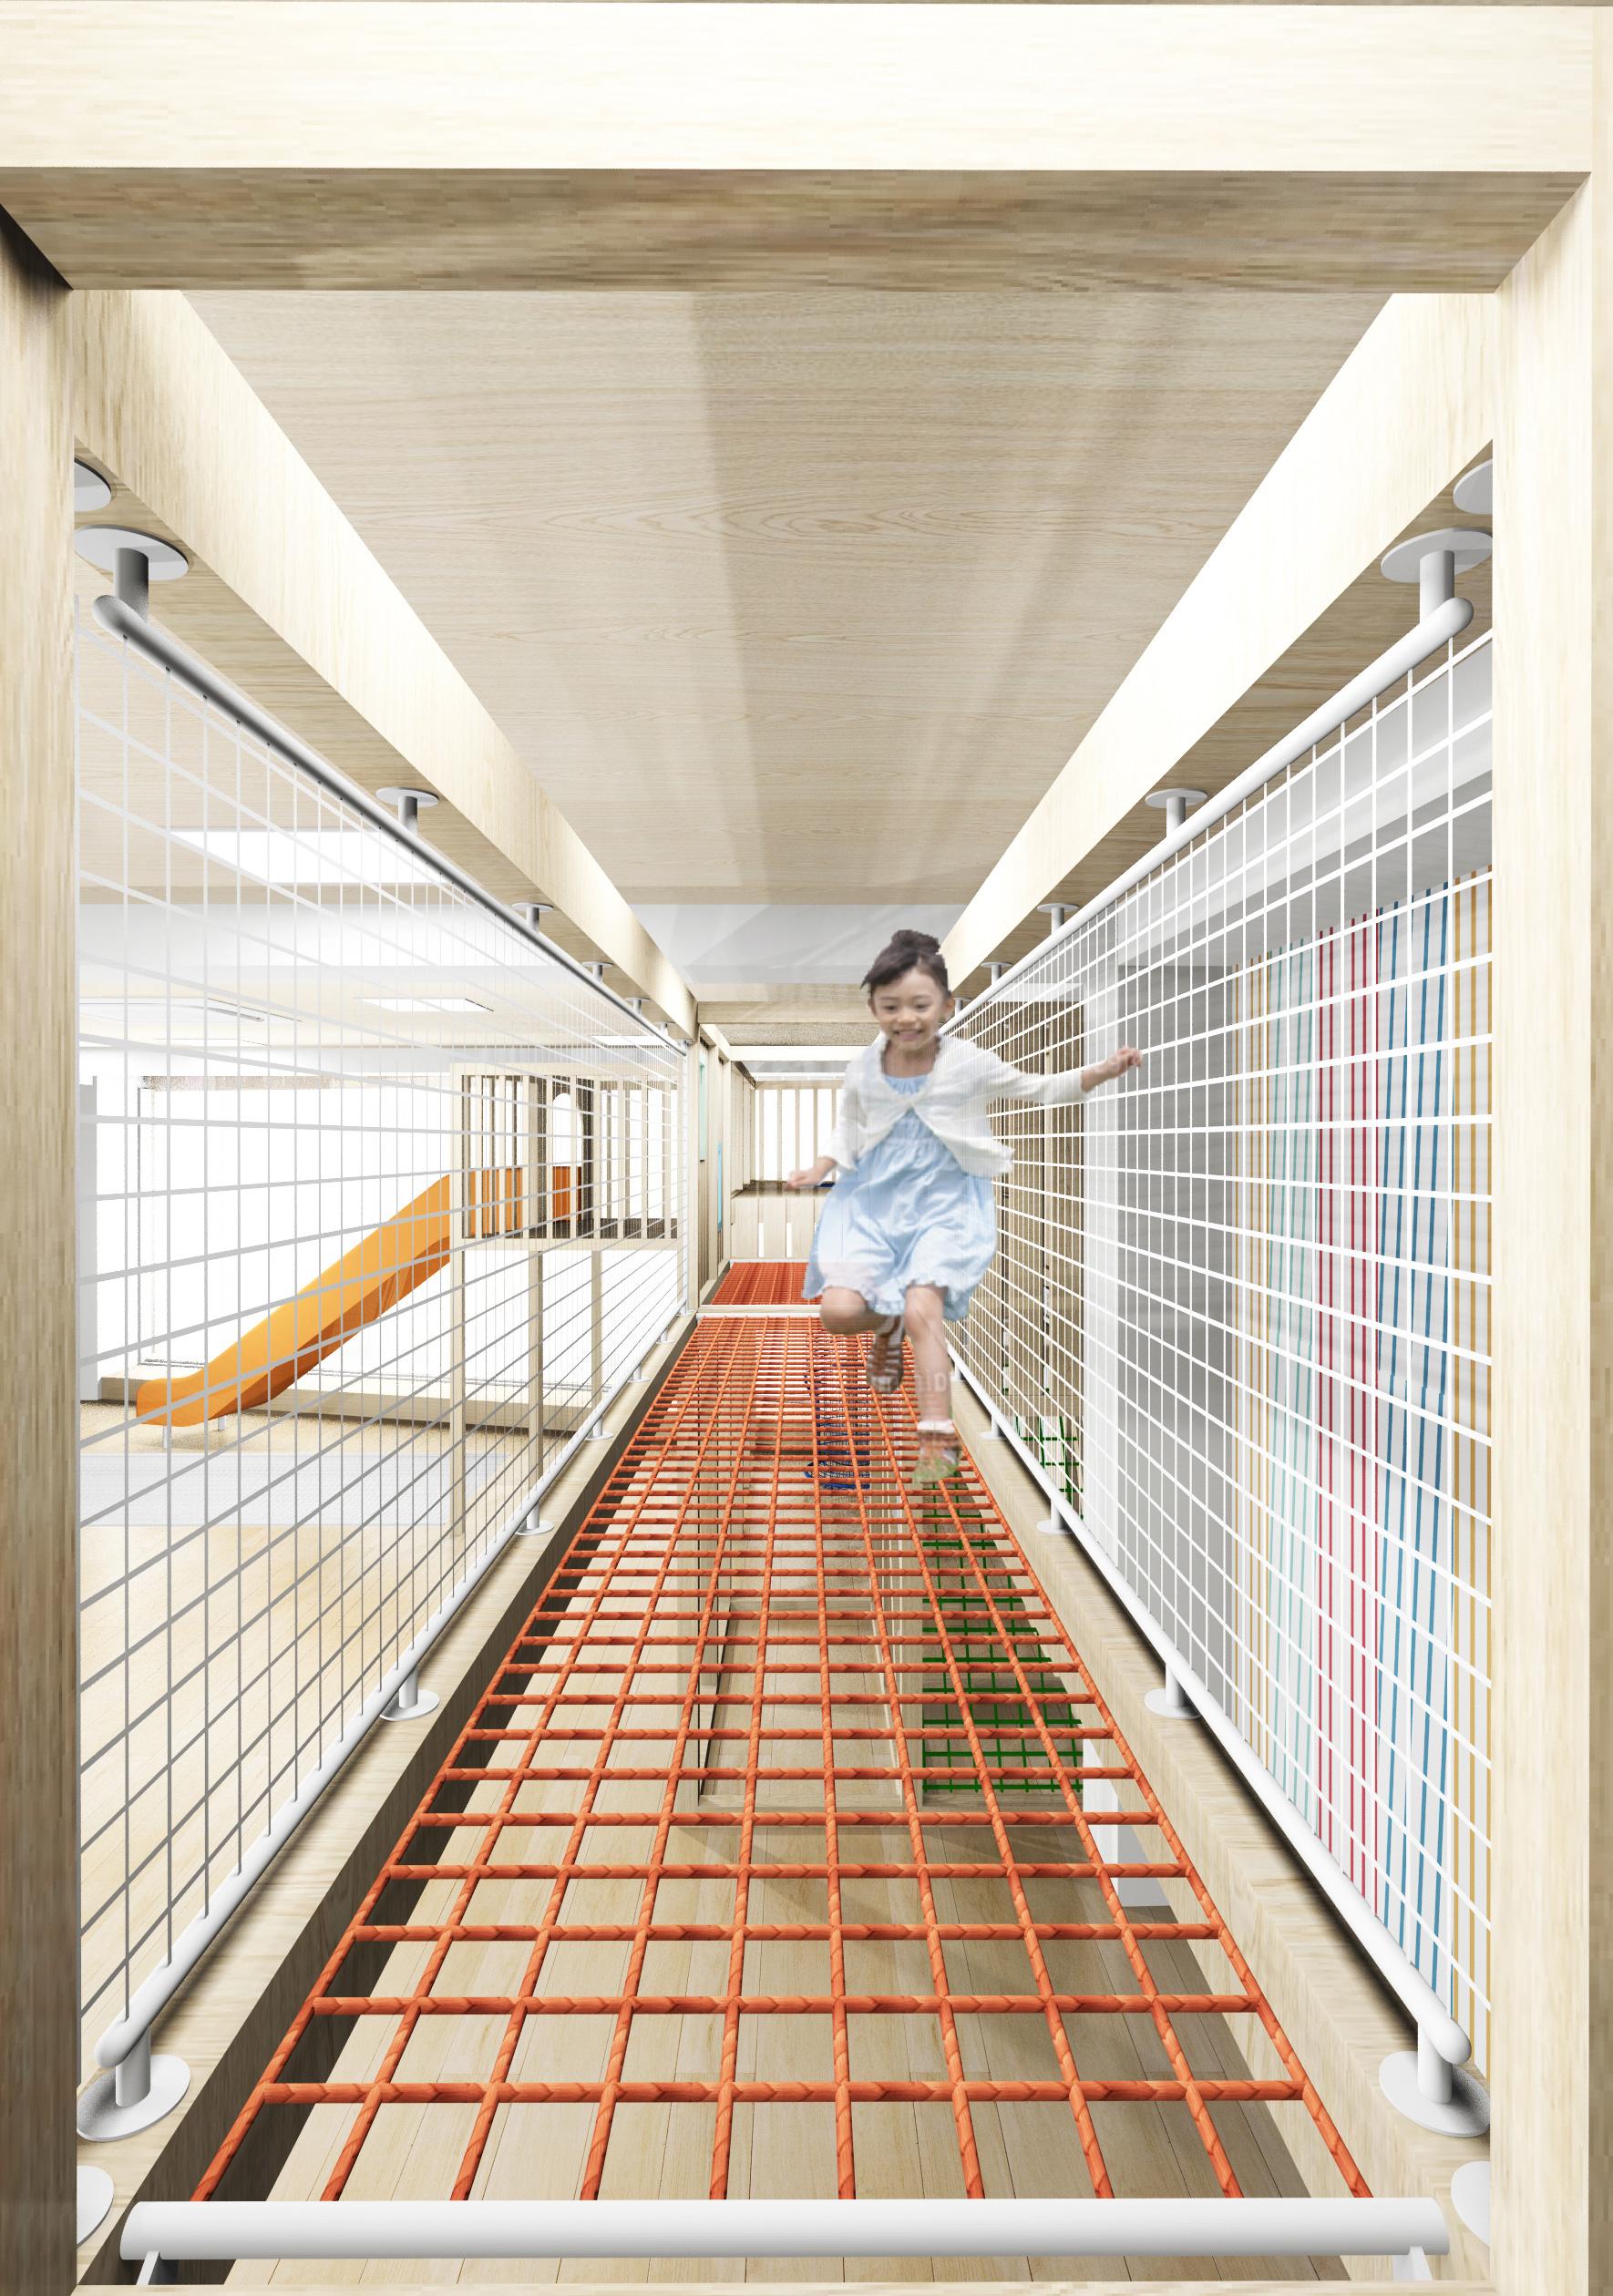 リーフキッズ保育園相模原,室内巨大運動器具